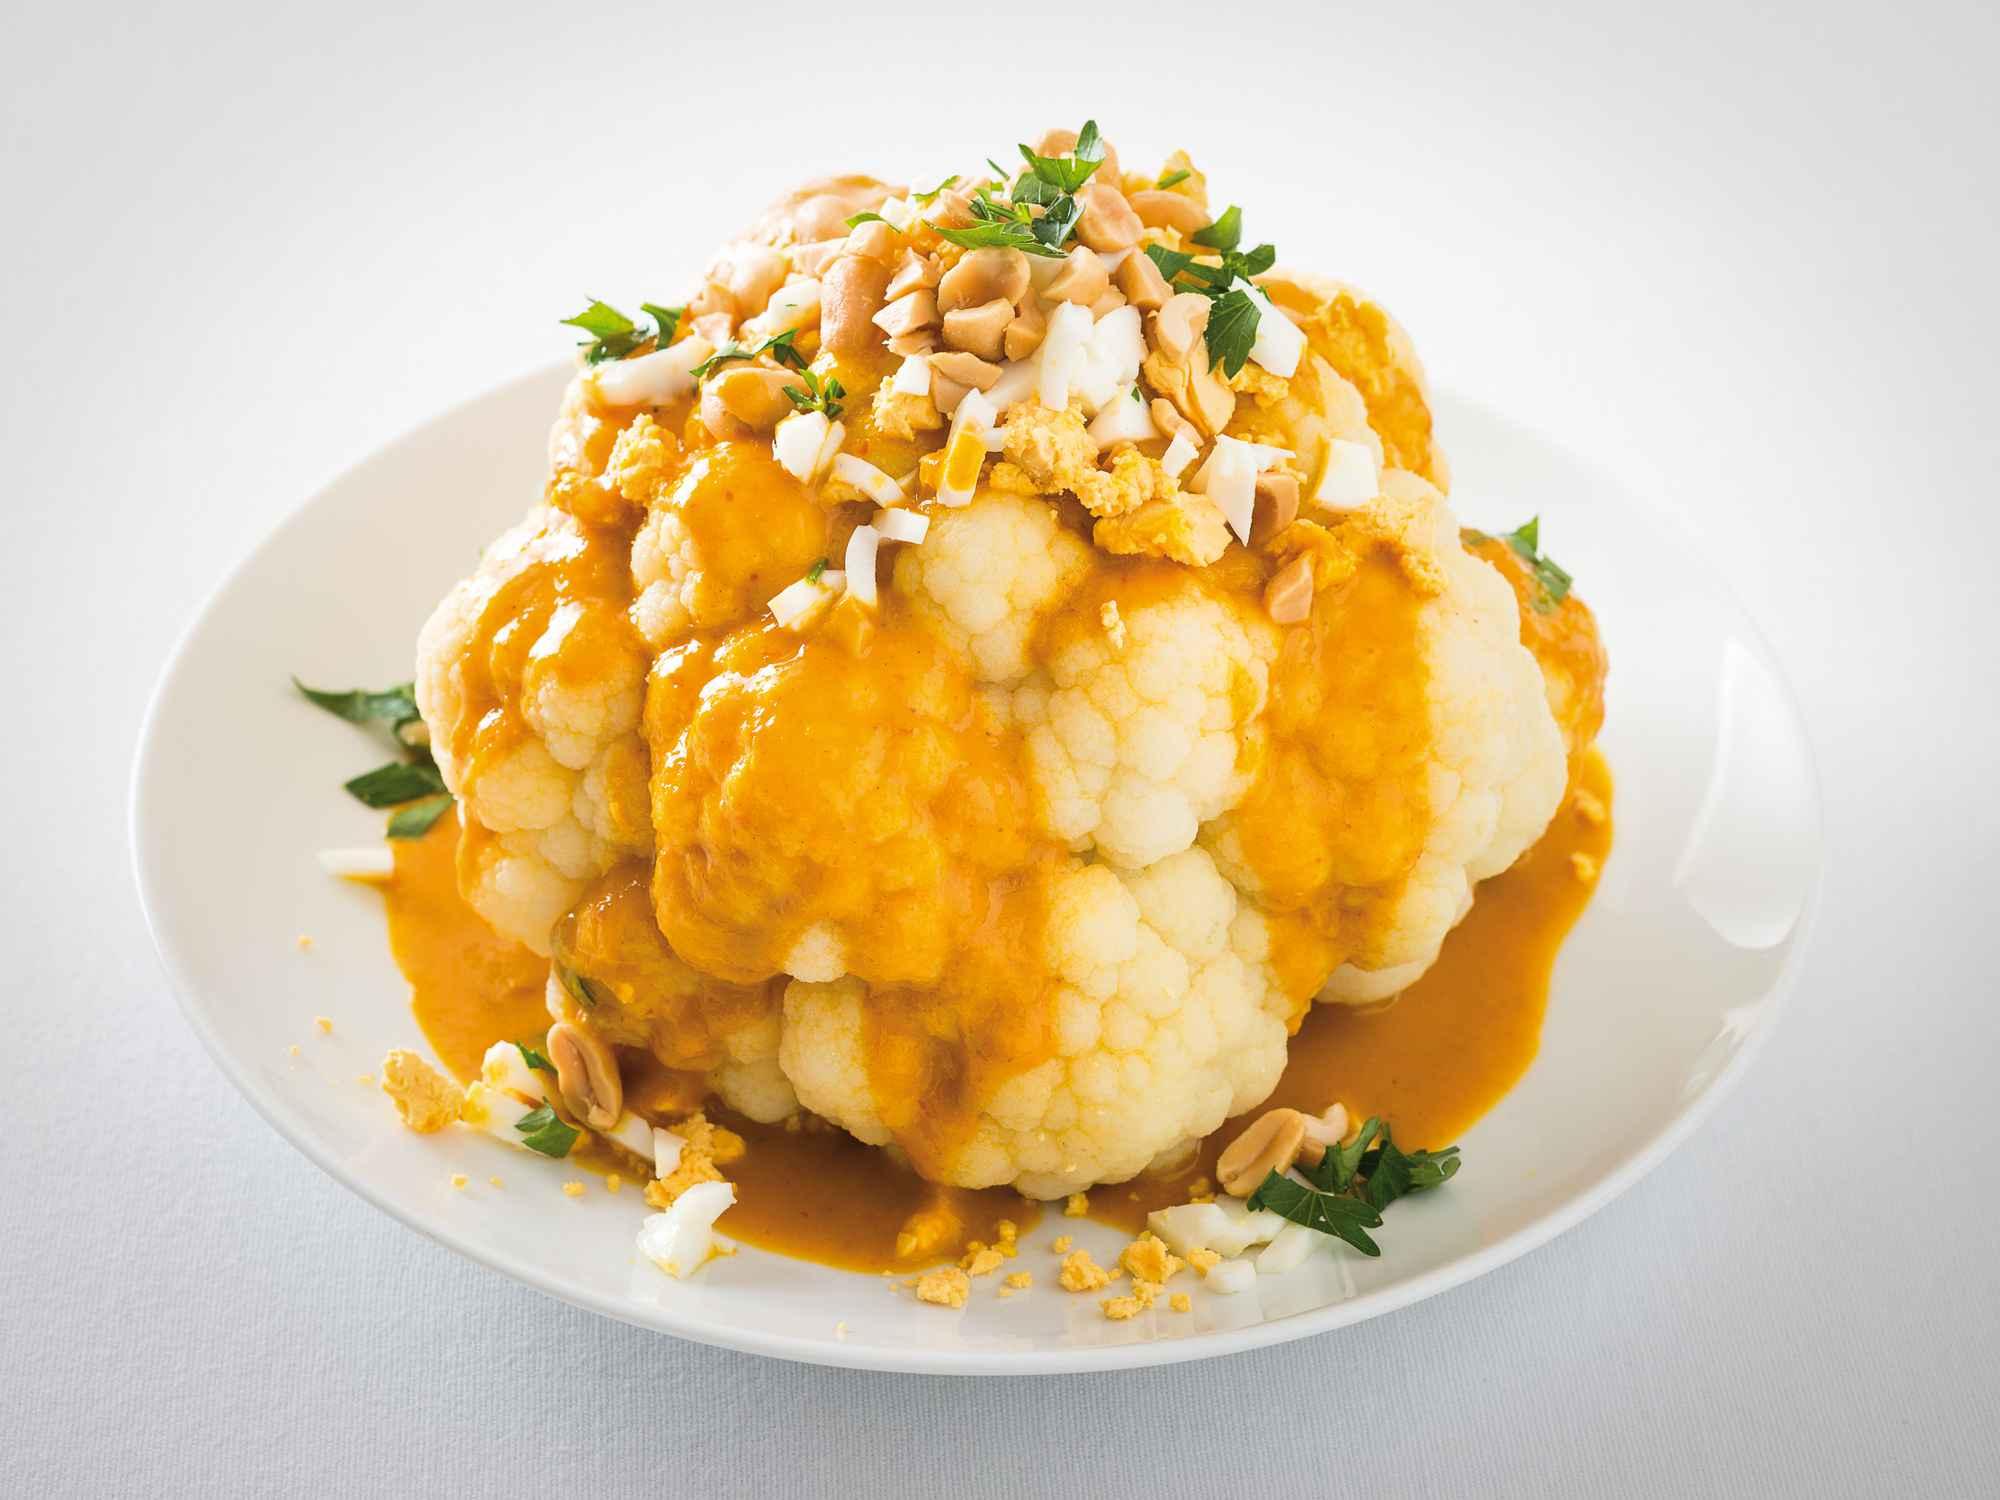 Ganzer Blumenkohl mit Kokosmilch-Currysauce, gehacktem Ei und Erdnüssen